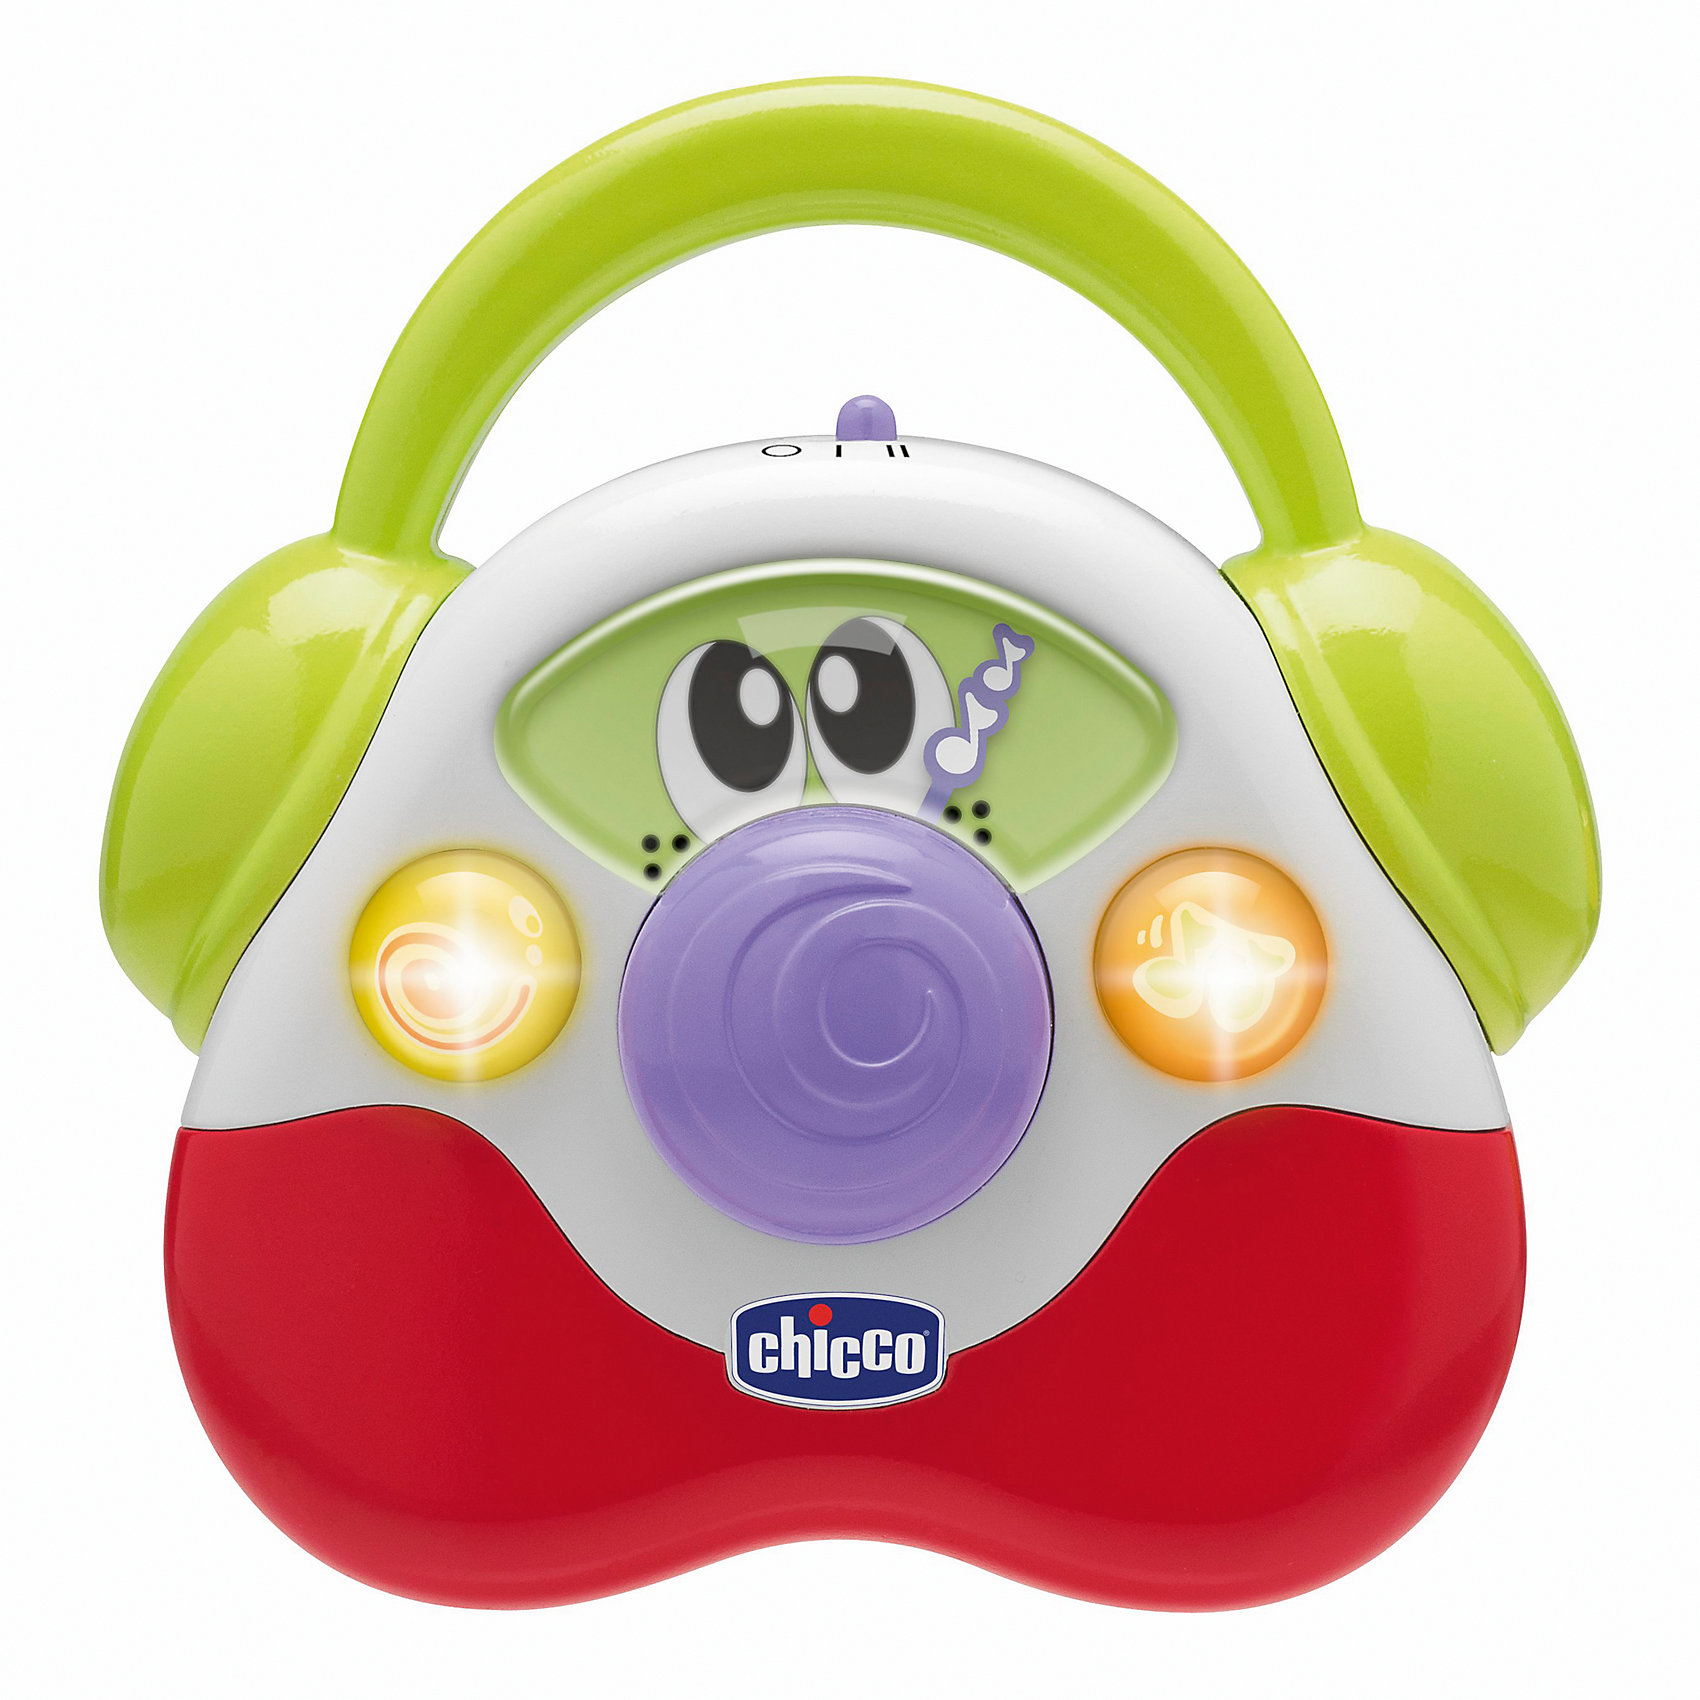 Музыкальная игрушка Детское радио, ChiccoМузыкальное Детское радио от известного бренда Chicco, обязательно понравится Вашему малышу!<br><br>Увлекательные игры для развития координации рук, световые эффекты и конечно веселая музыка! Ребенок сможет с легкостью его переносить и слушать любимые мелодии в любом месте.<br><br>Дополнительная информация:<br>- батарейки 2 шт. типа R03 AAA (1,5 V) входят в комплект.<br>- 12 предустановленных мелодий<br>- Размер: 19х9х16 см.<br>- Вес: 360 г.<br><br>Игрушку музыкальную Детское радио, Chicco можно купить в нашем интернет - магазине.<br><br>Ширина мм: 166<br>Глубина мм: 90<br>Высота мм: 192<br>Вес г: 357<br>Возраст от месяцев: 6<br>Возраст до месяцев: 24<br>Пол: Унисекс<br>Возраст: Детский<br>SKU: 3111448